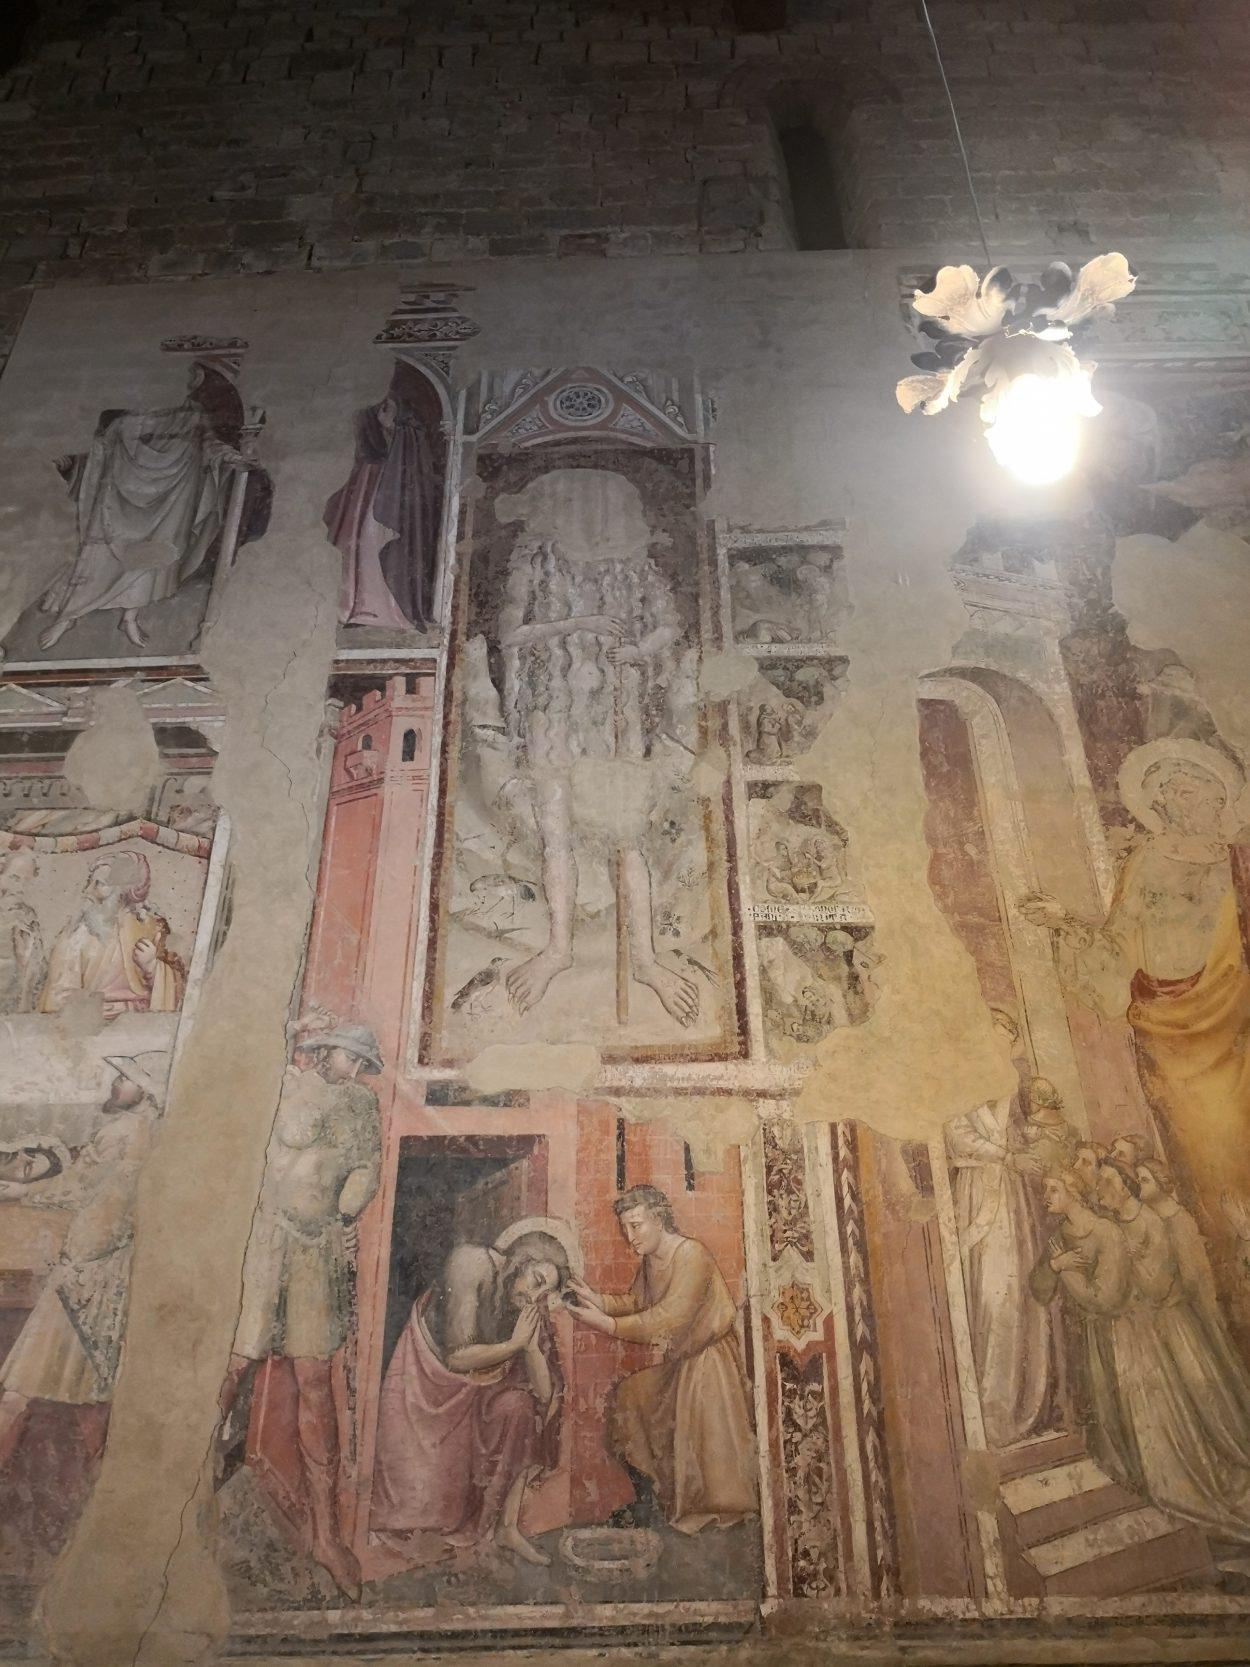 Alcuni degli affreschi presenti all'interno della chiesa di Santa Maria a Soffiano